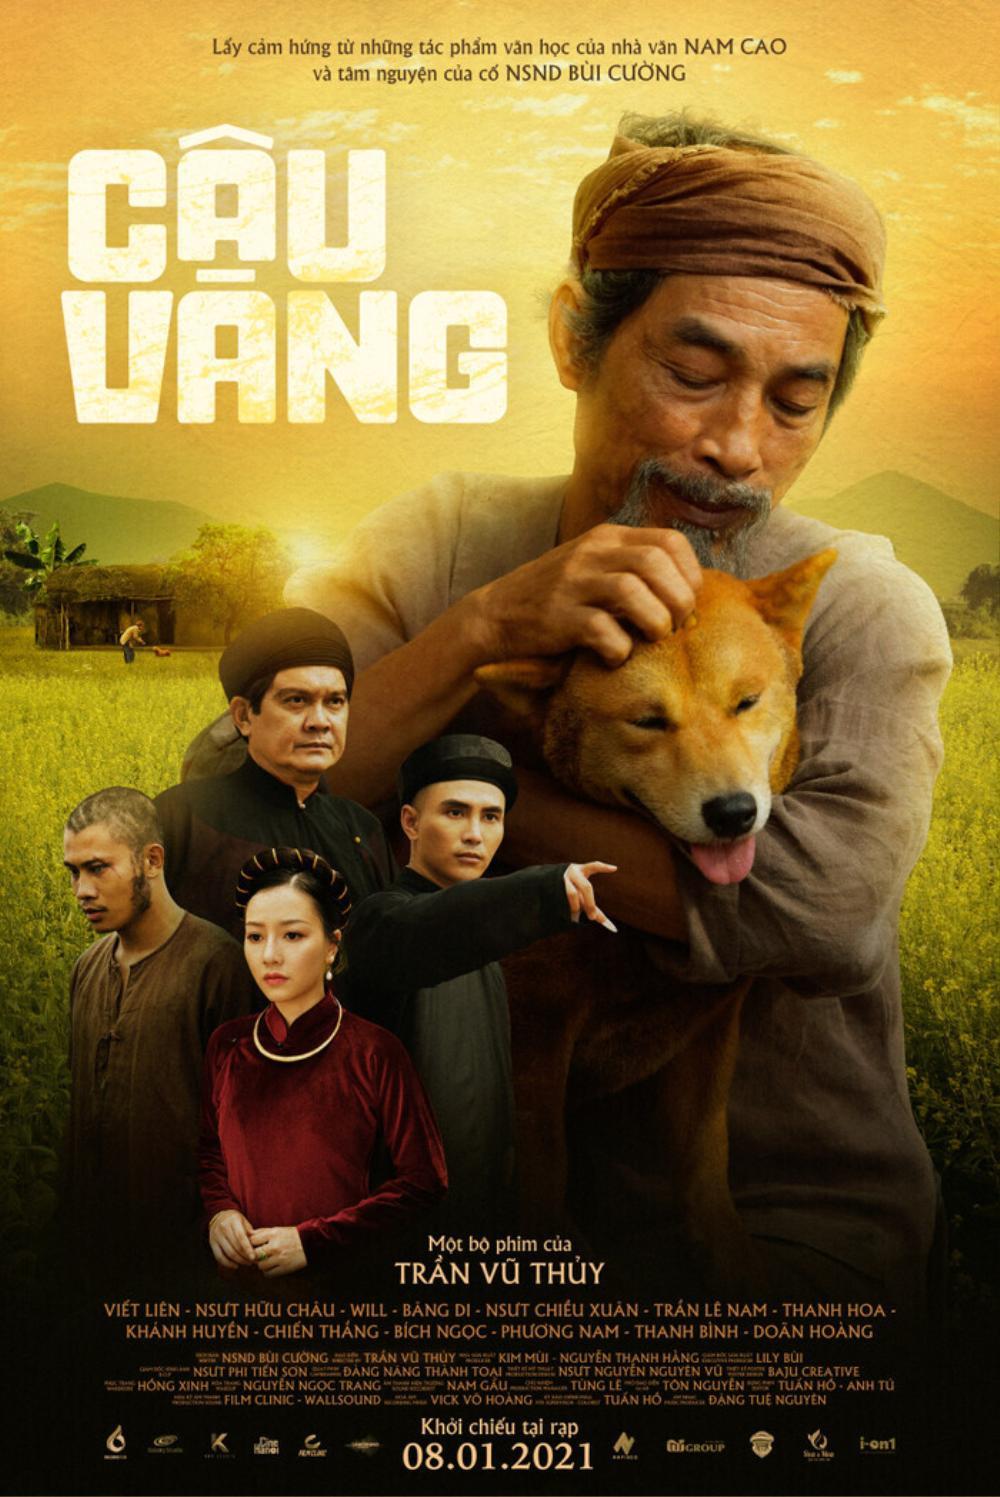 Review 'Cậu Vàng': Tái hiện bức tranh làng quê đầy đau thương và ám ảnh trong kiệt tác văn học Việt Ảnh 1